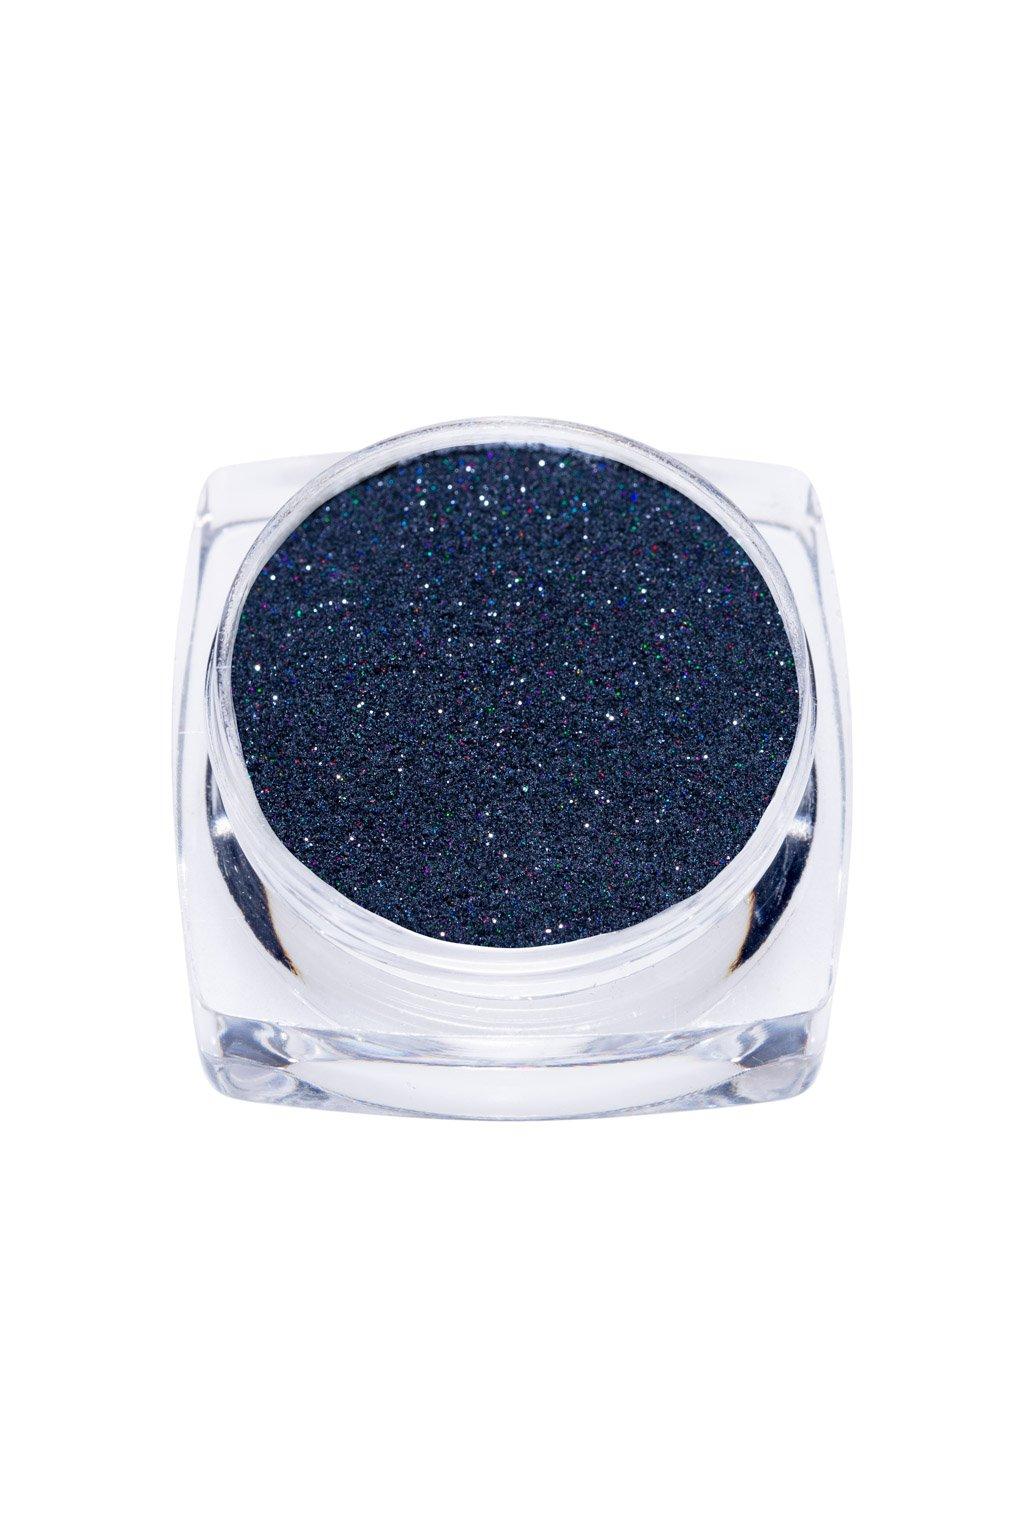 23630 sparkling black